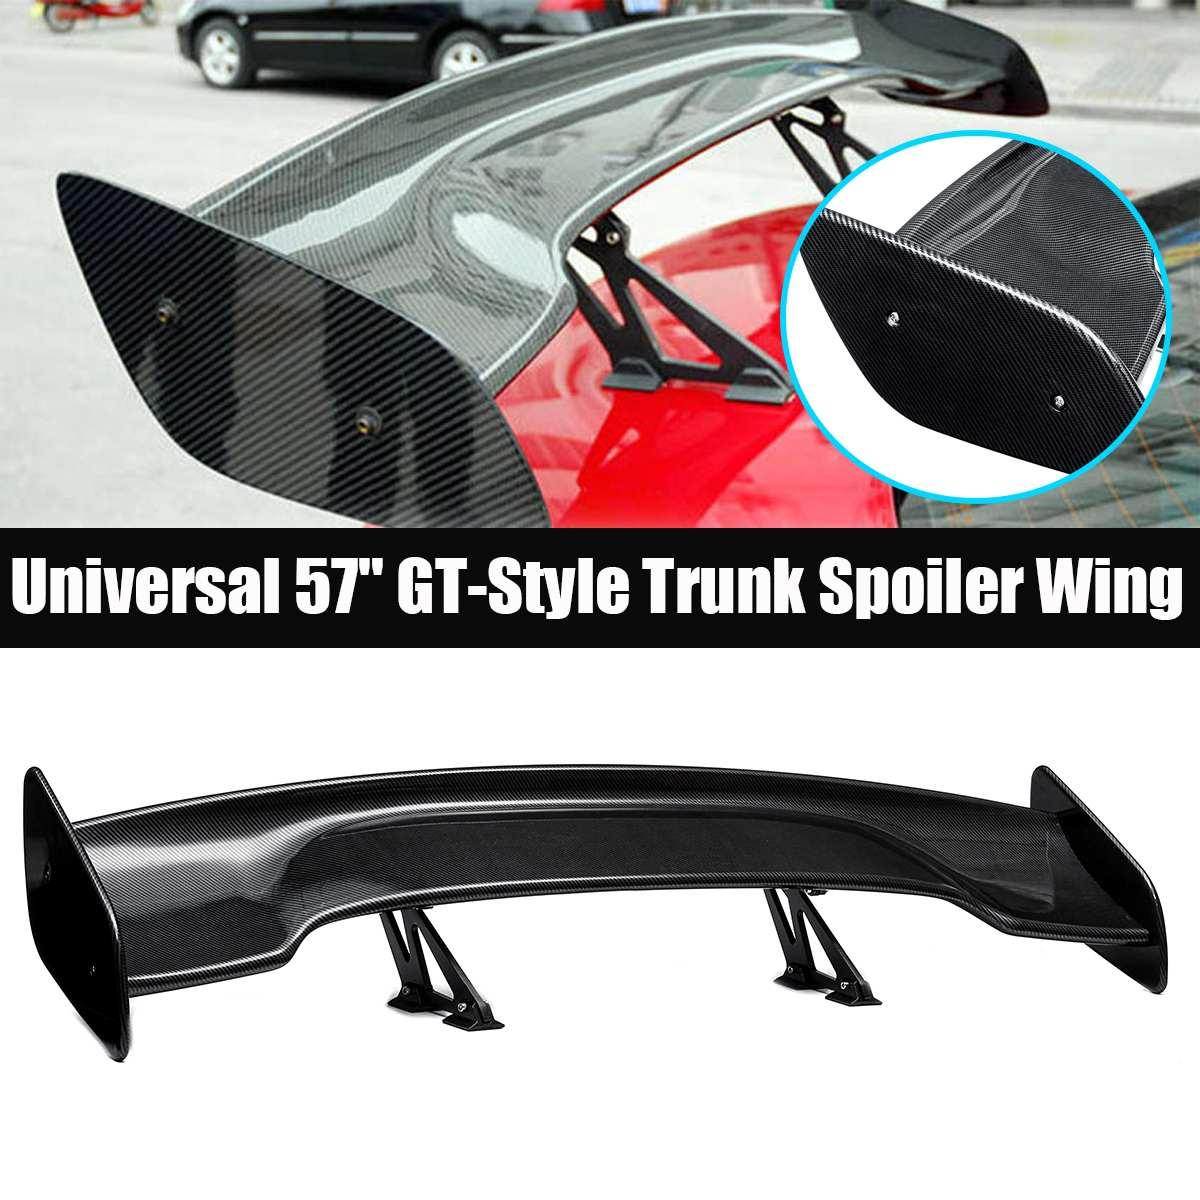 Universal Car Tail Kofferbak Spoiler 145 Cm Carbon Fiber Stijl Gt Wing Voor Bmw Voor Mazda Voor Hyundai Voor audi Auto Styling